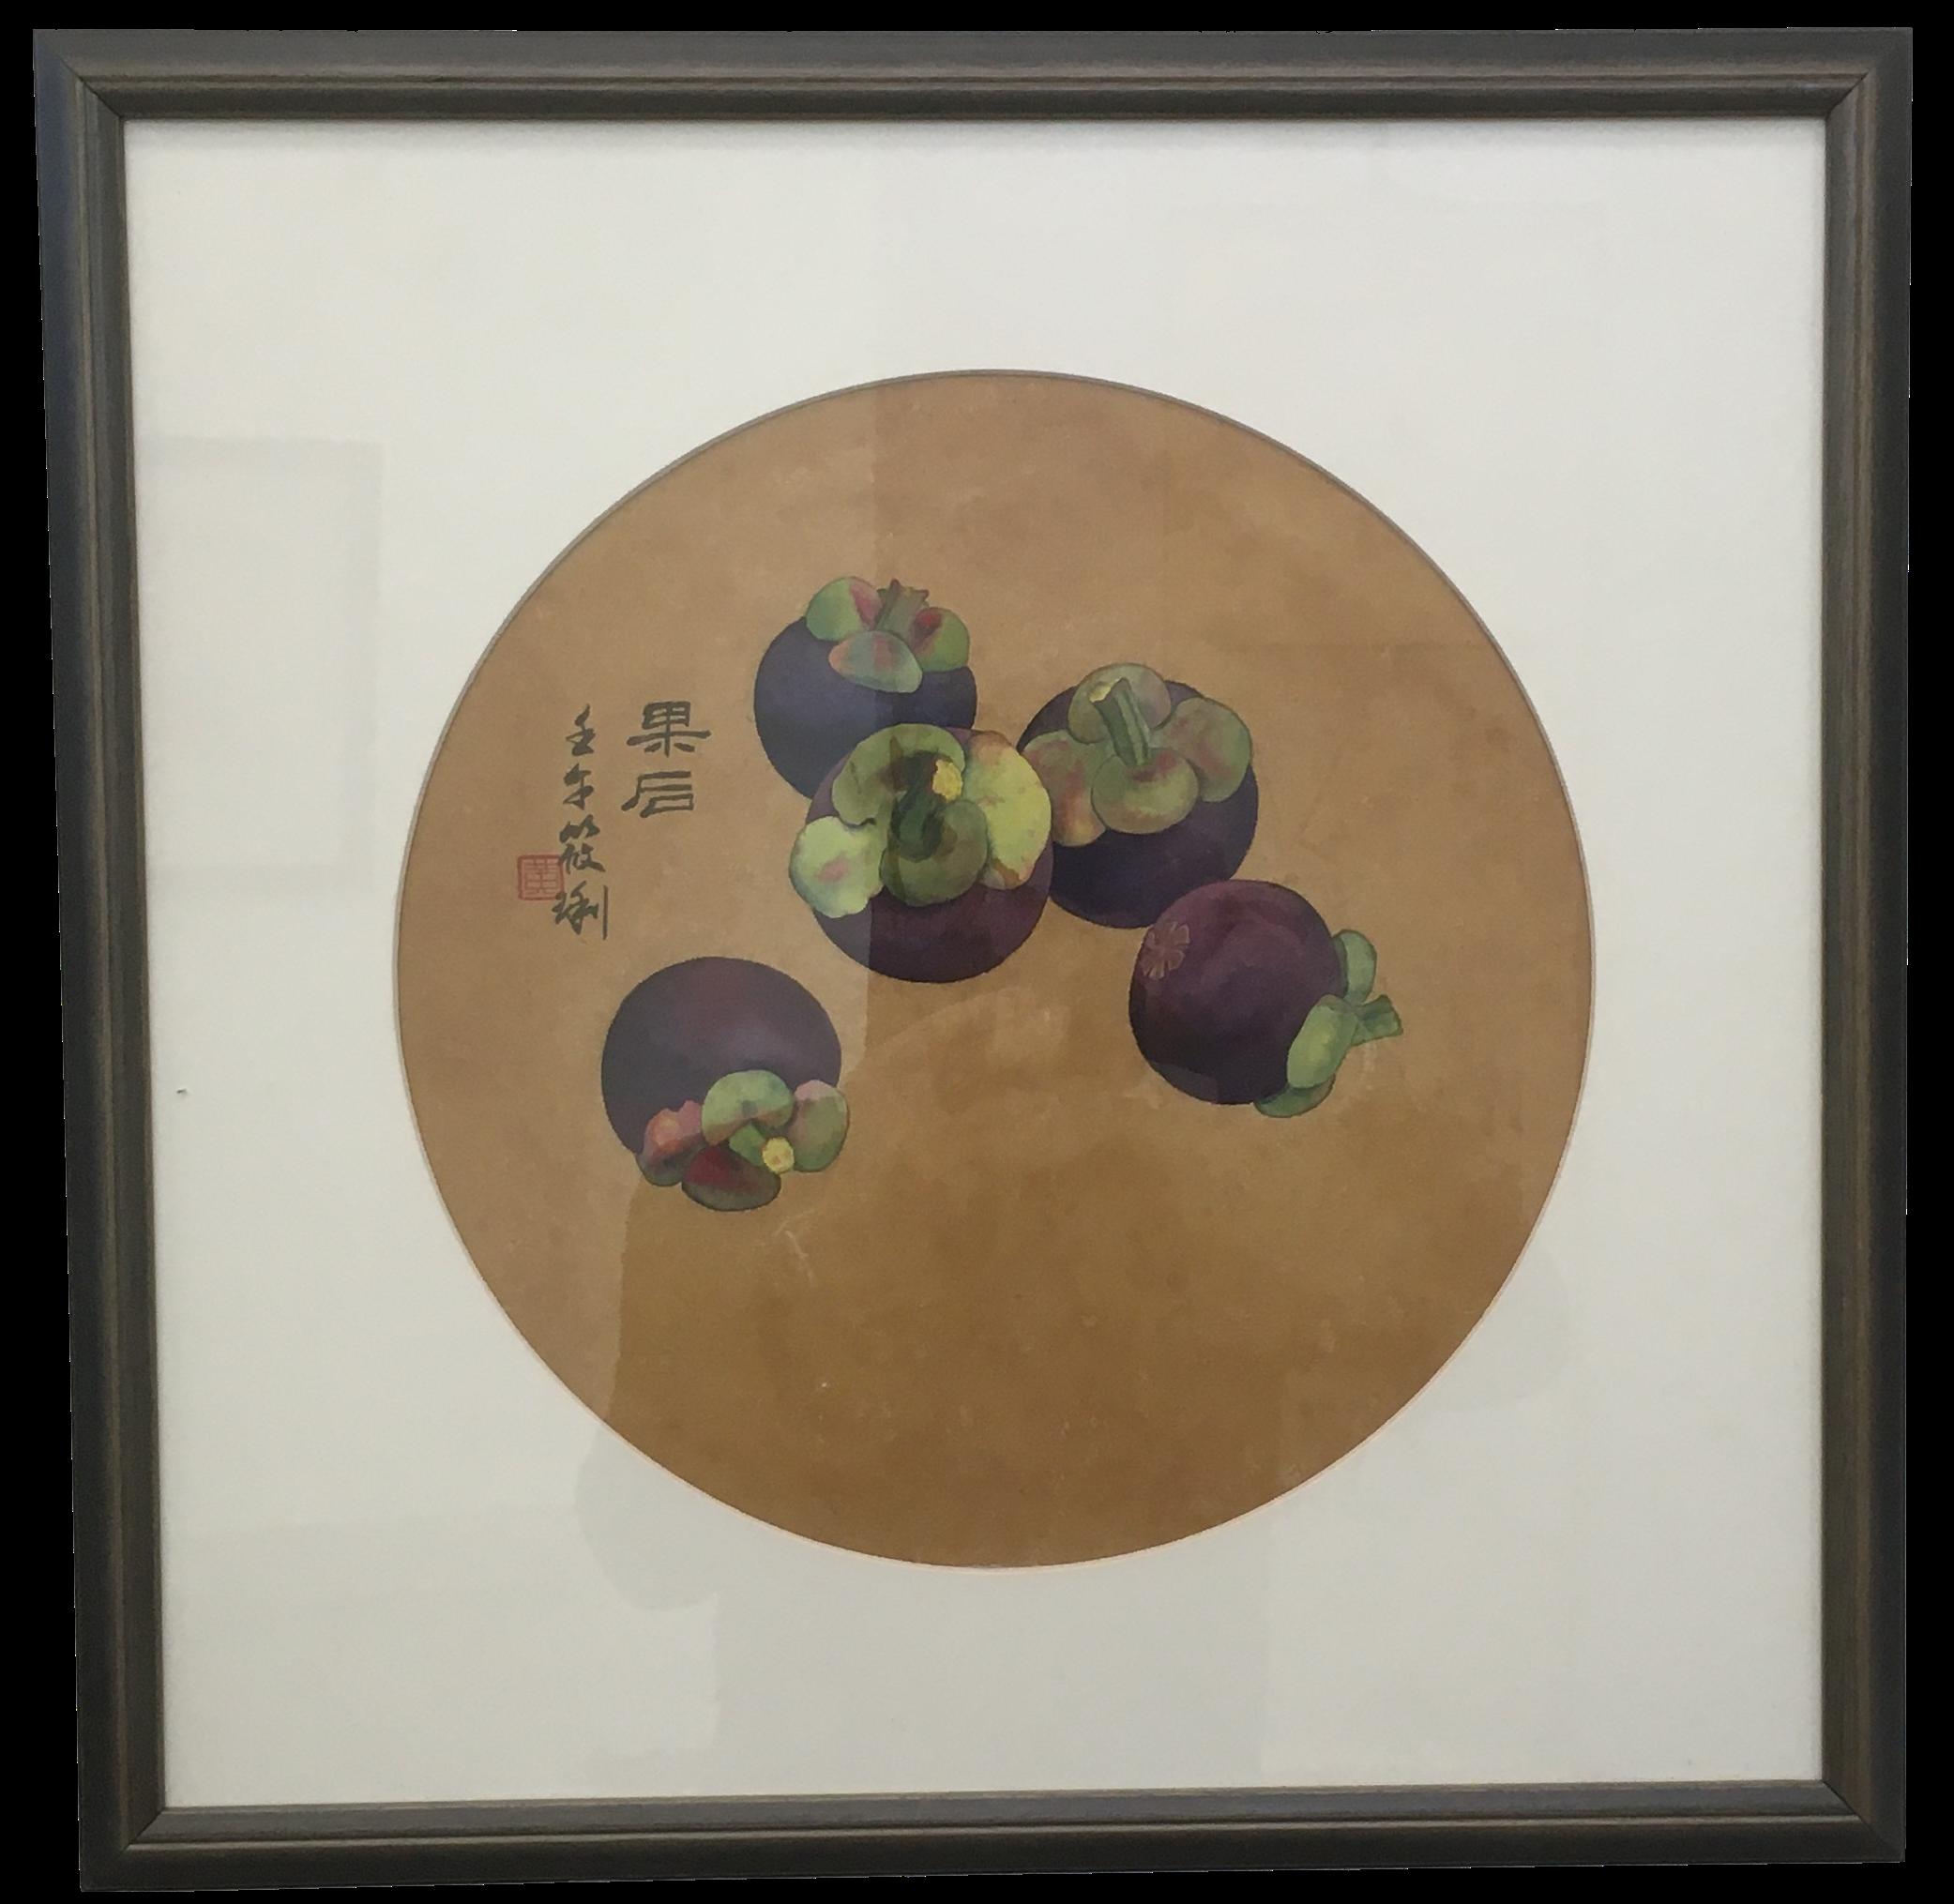 Een beeld uit Sow to Grow in Kunst : Mangosteen